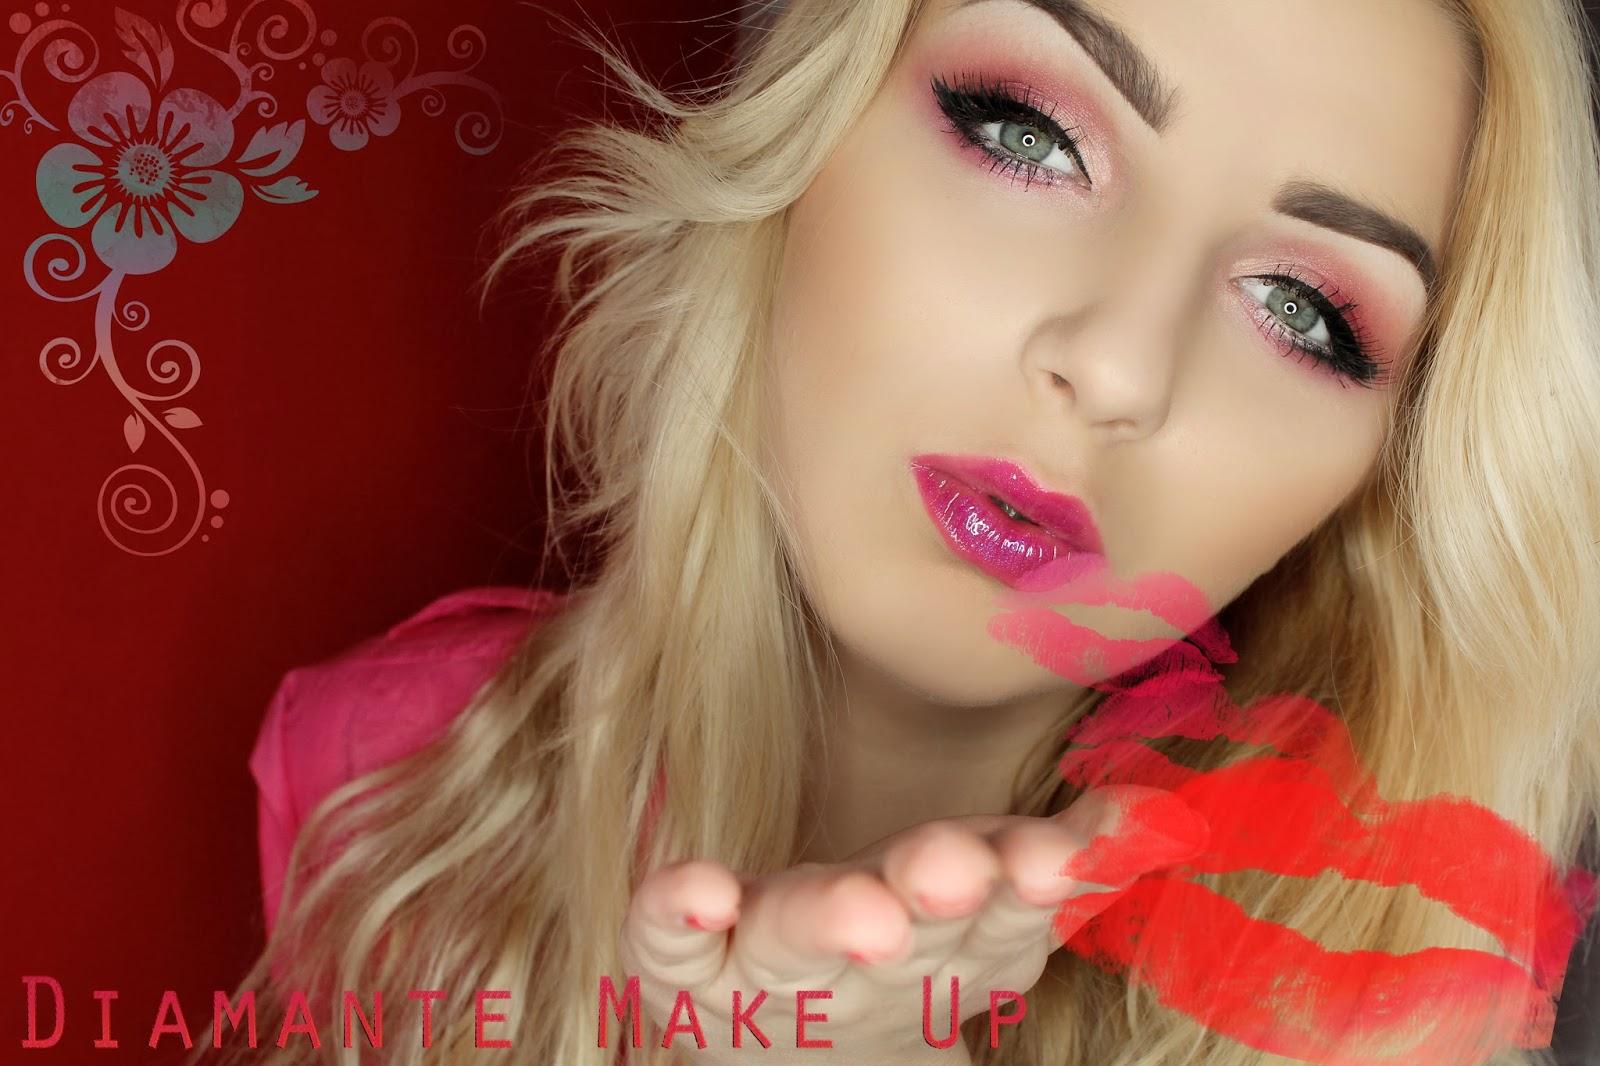 Zmyslowy Makijaz Walentynkowy #2